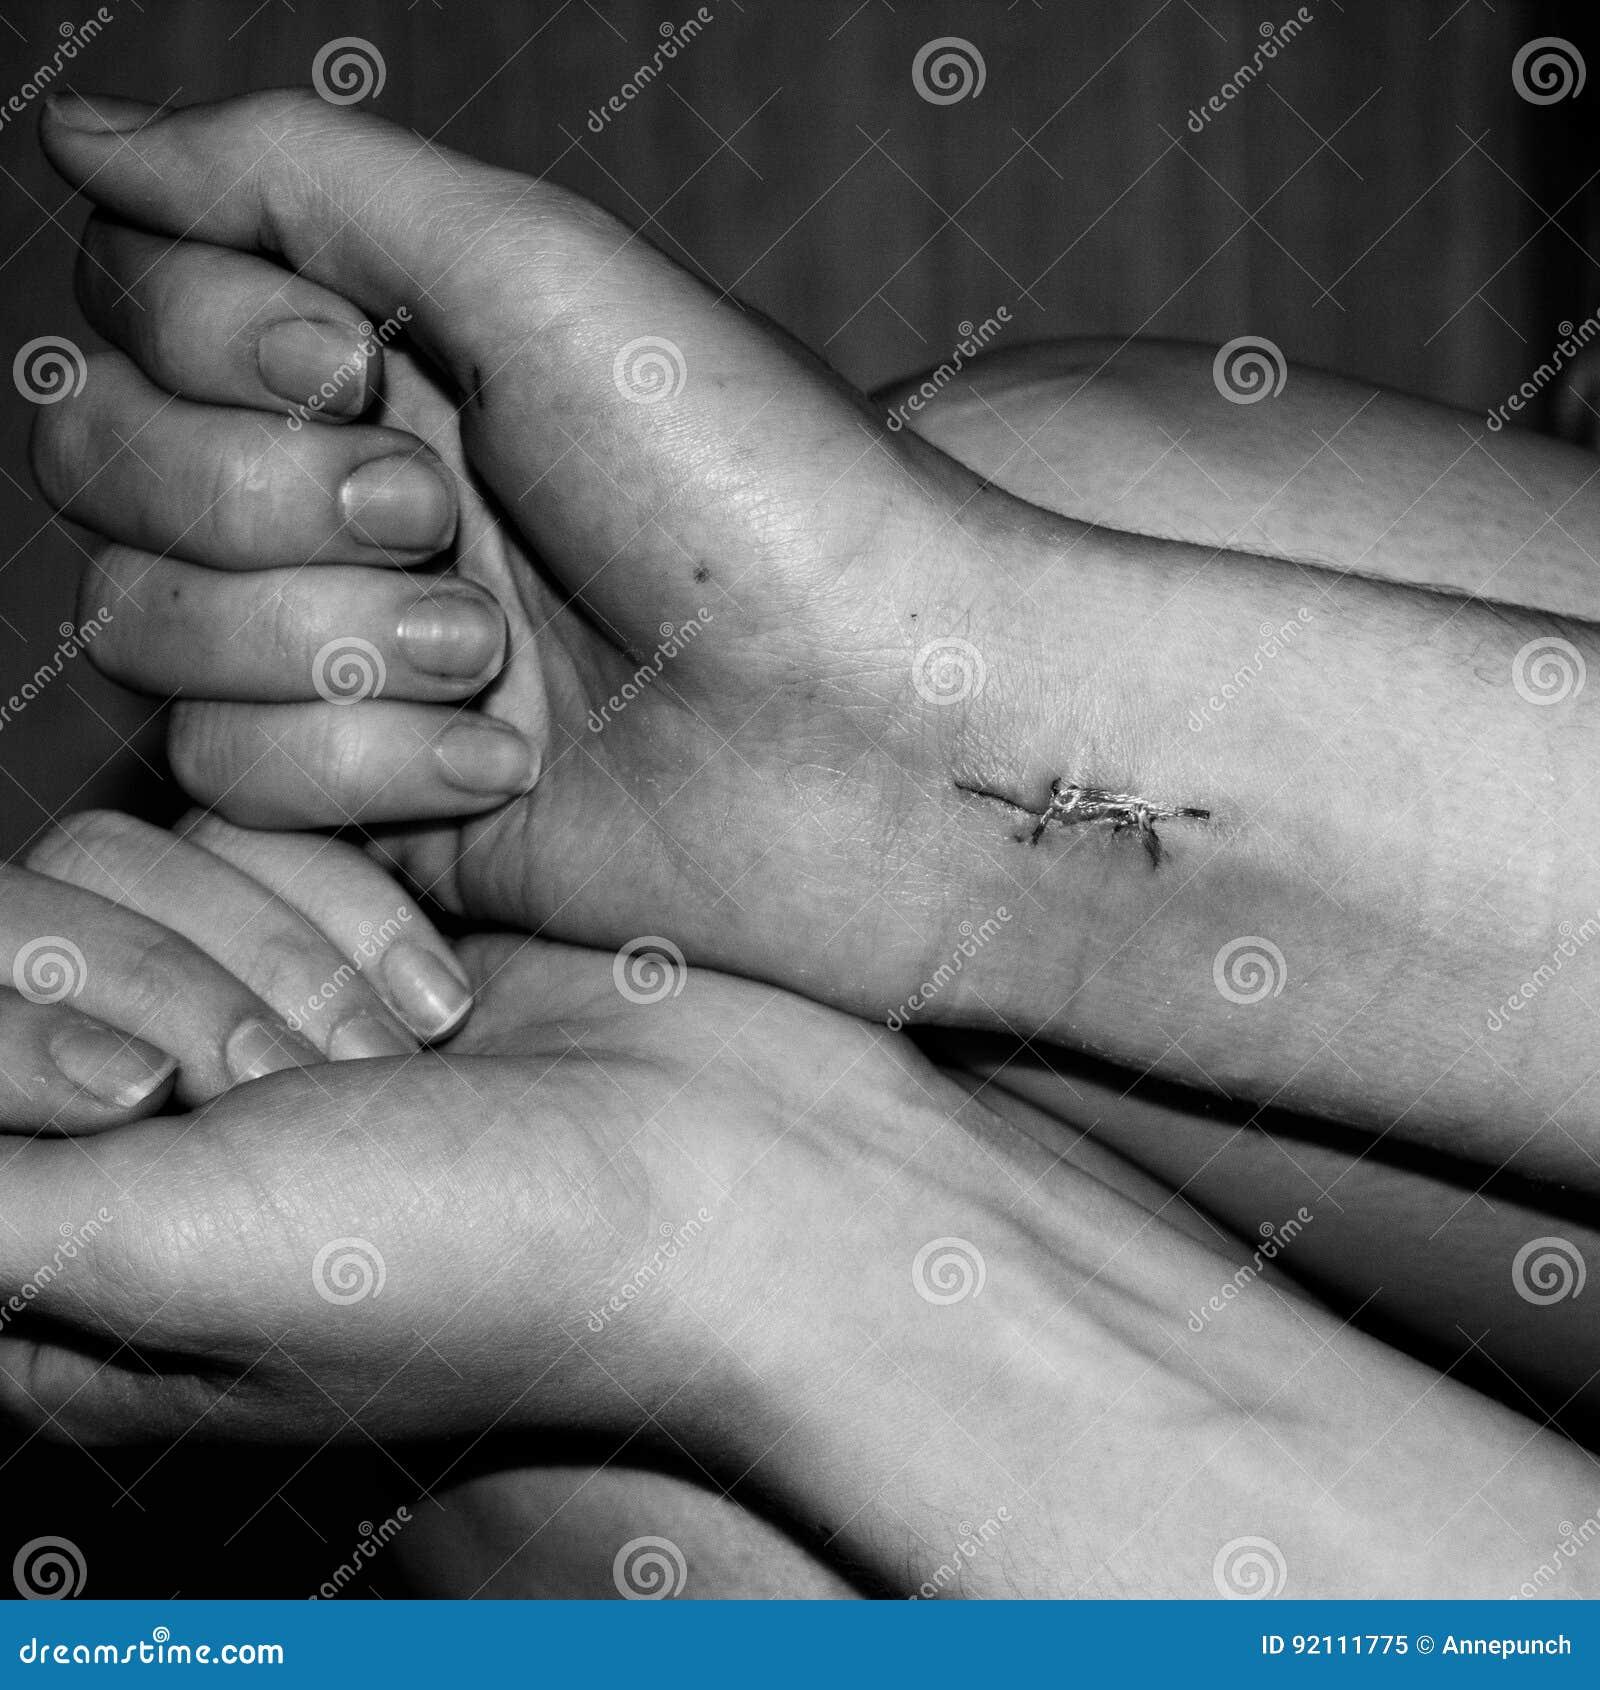 As consequências do suicídio A sutura cirúrgica no pulso fêmea